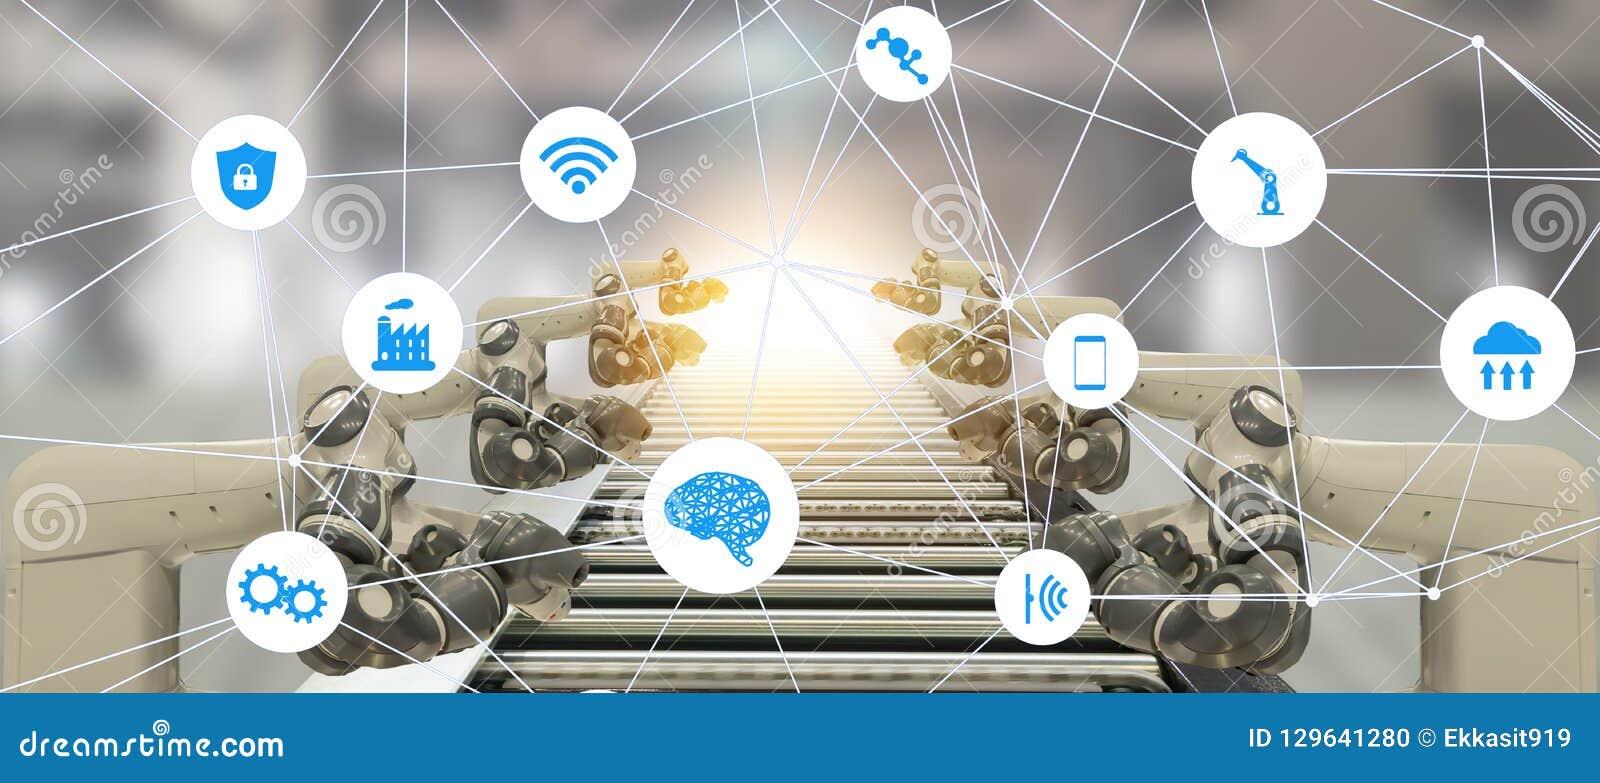 Industria 4 di Iot 0 concetti di tecnologia di intelligenza artificiale Fabbrica astuta facendo uso della tendenza del manufactur